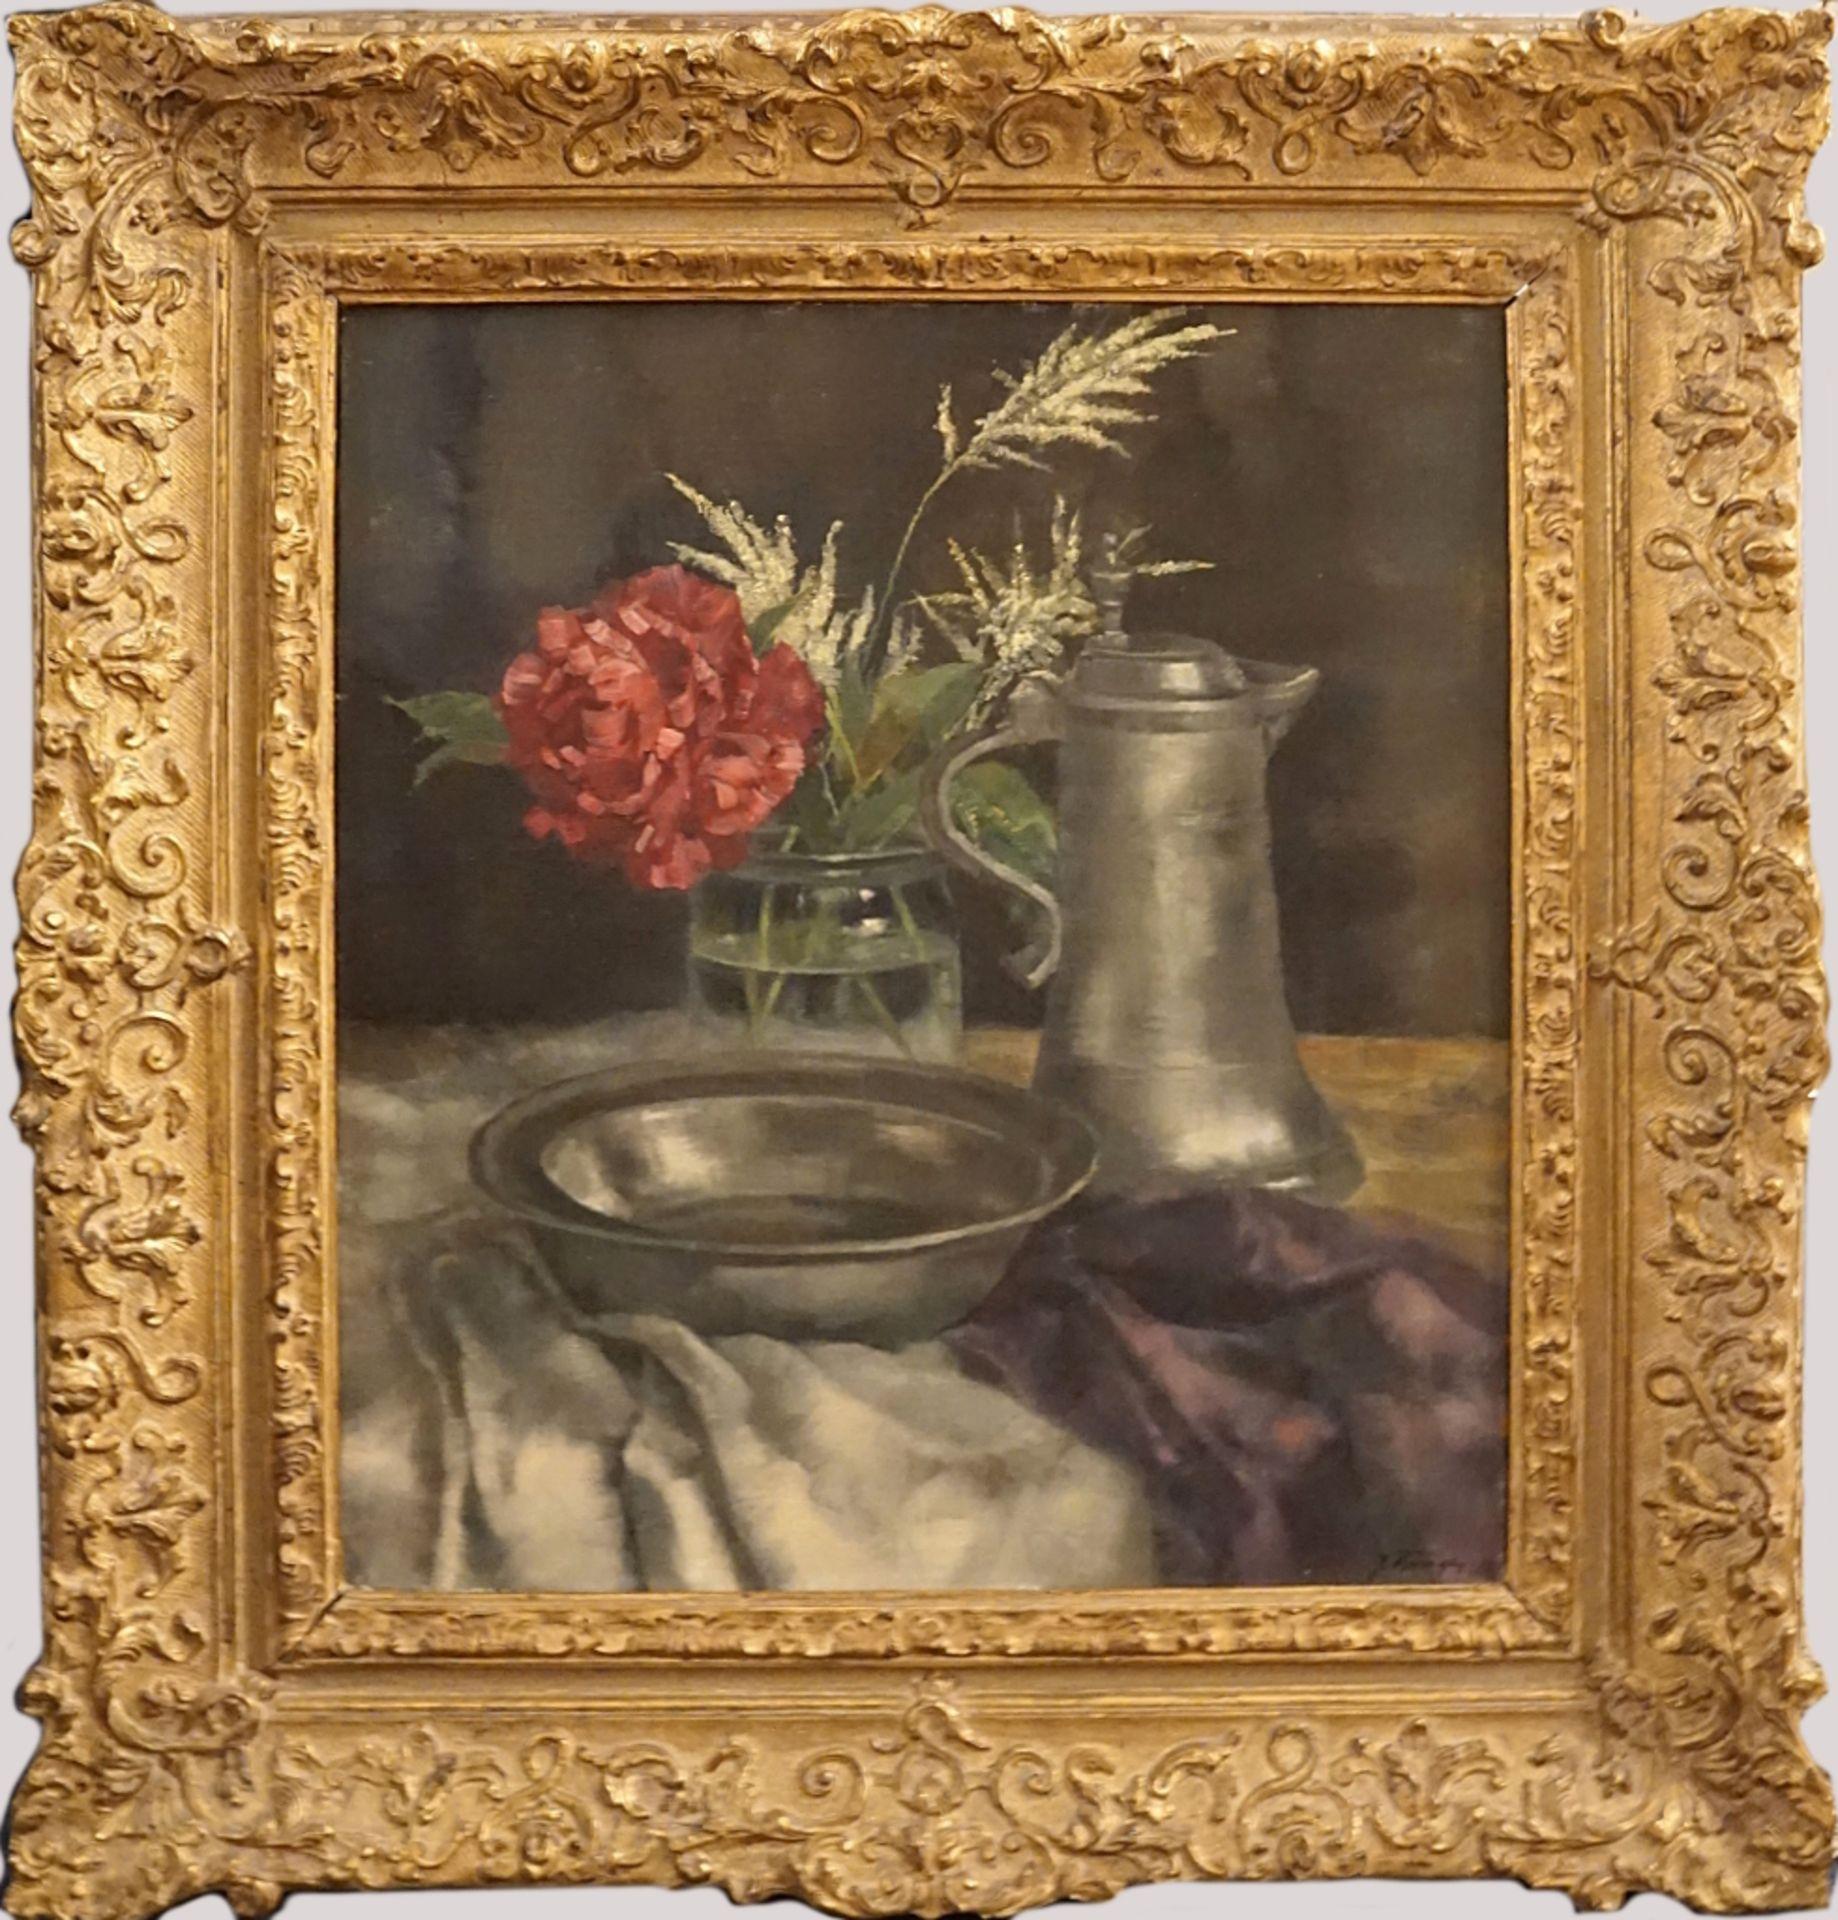 """1 Ölgemälde """"Stillleben"""" R.u. sign. J. BURGER (wohl Josef B. 1878-1966) Öl/Lwd. ca. - Bild 2 aus 4"""